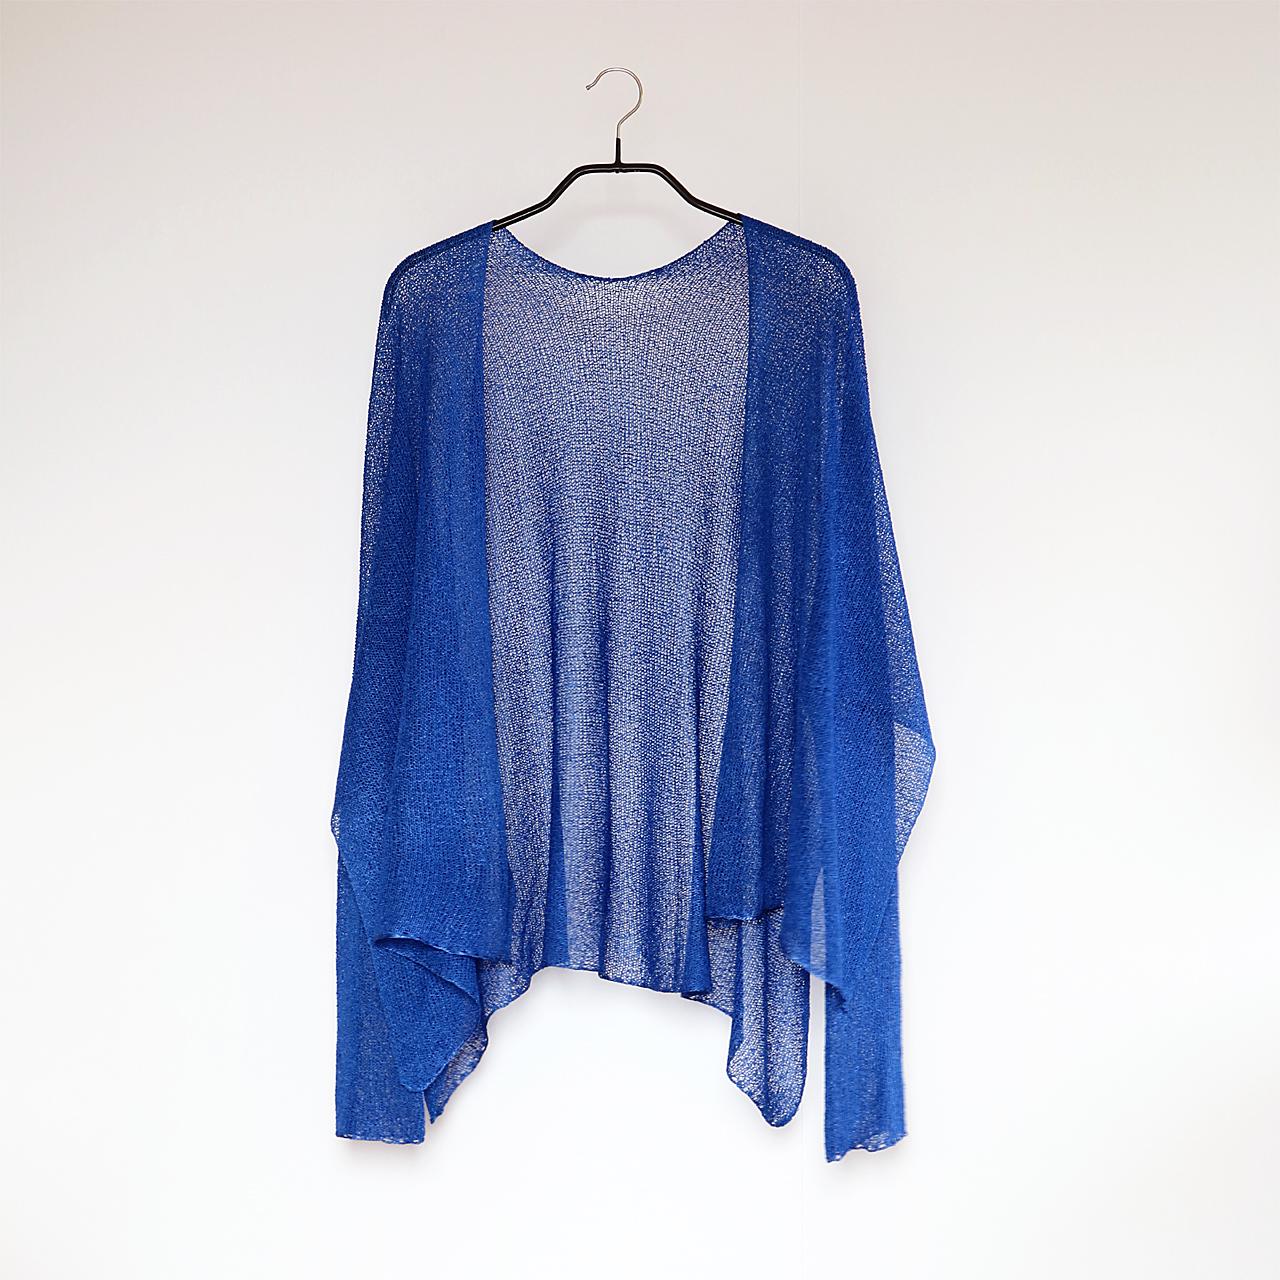 Alwaid[アルワイド] オールカバー袖付きストール / ロイヤル・ブルー